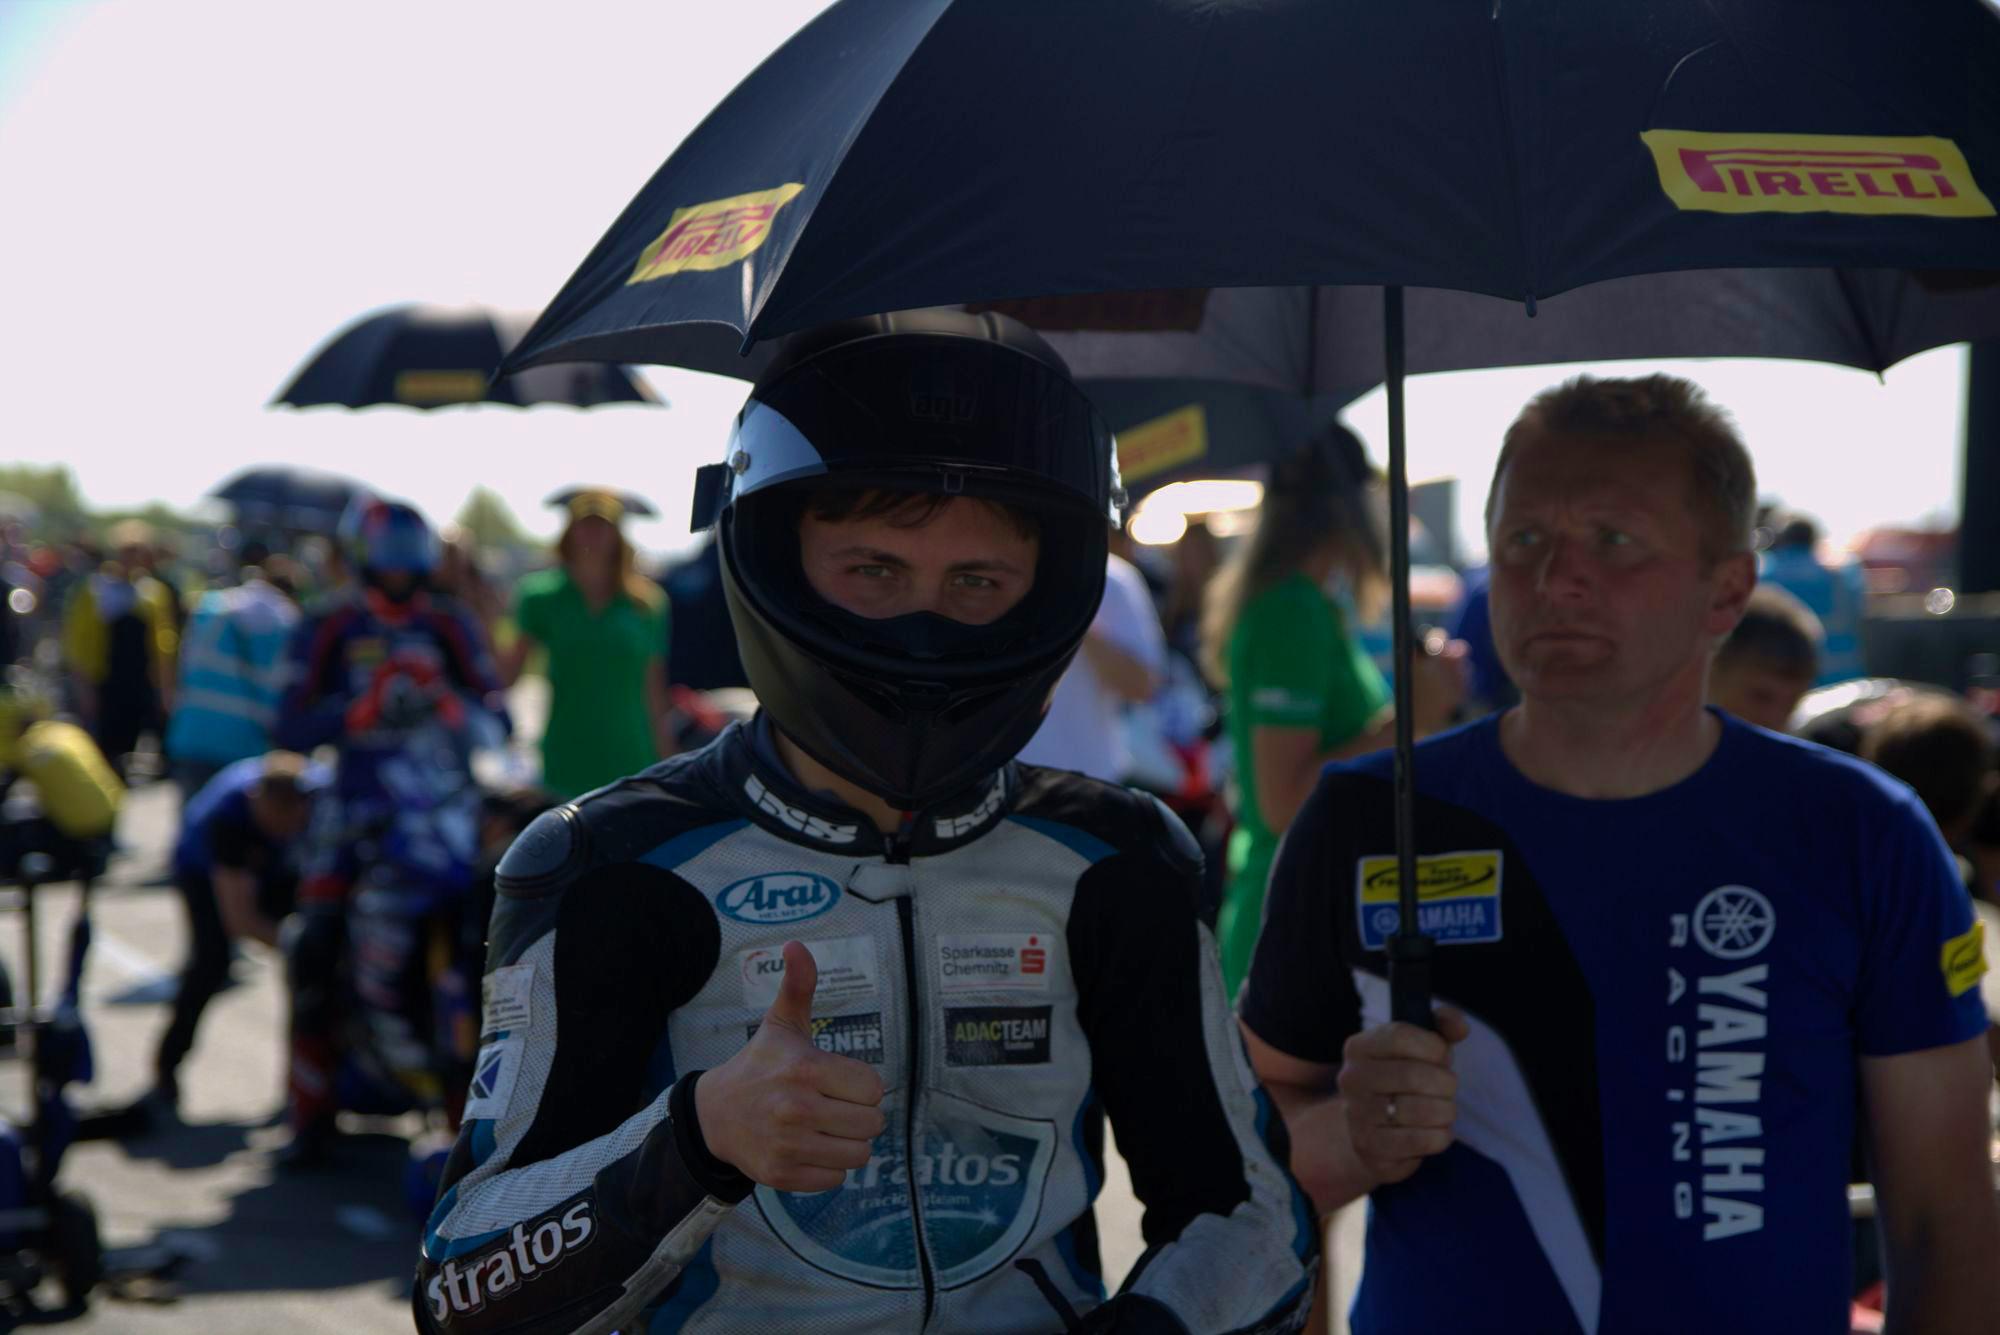 IDM 2018 Motorsportarena Oschersleben - Max Enderlein - Freudenberg WorldSSP Team